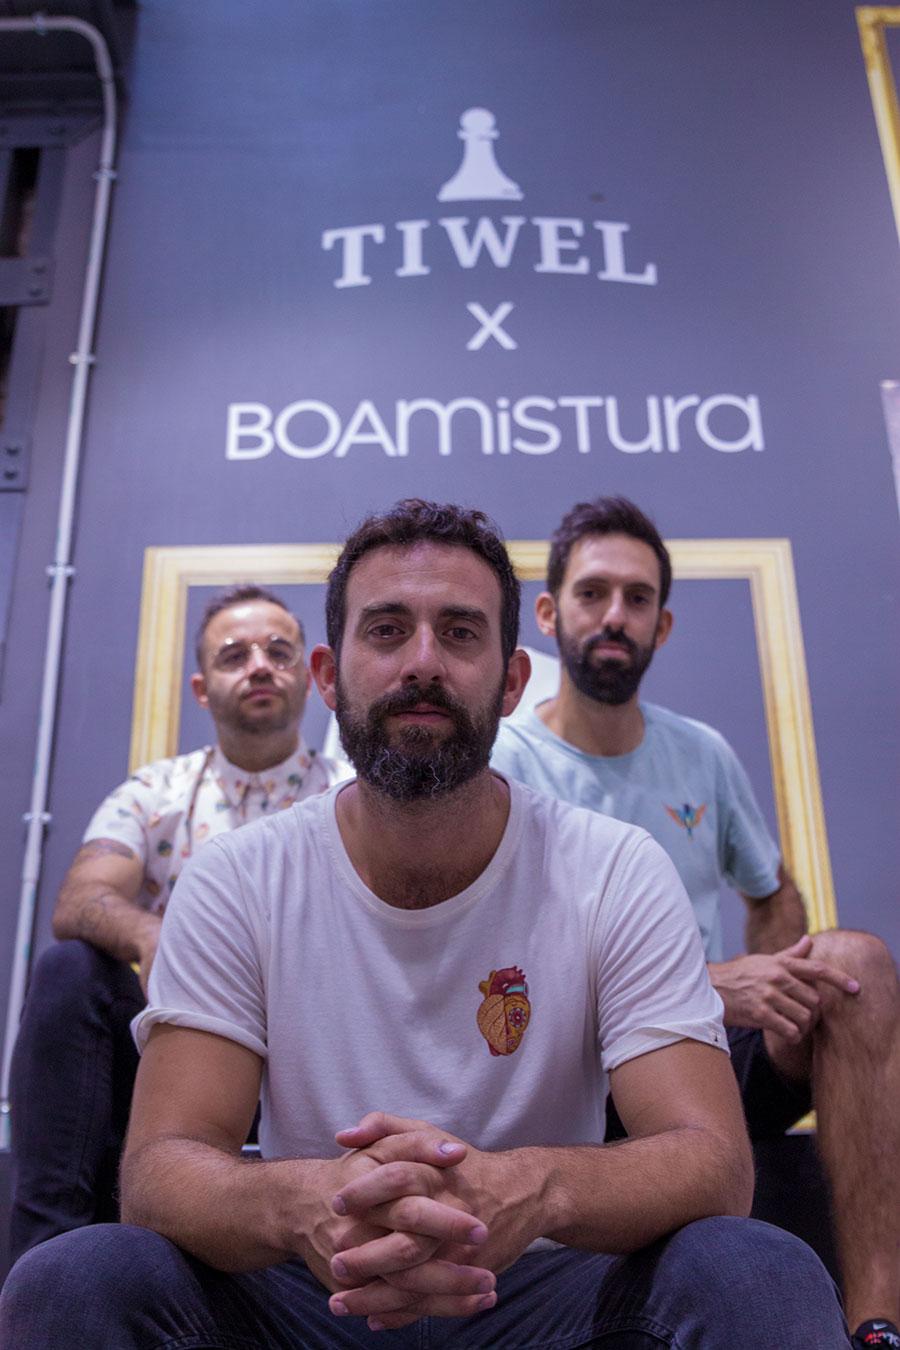 Tiwel-x-Boamistura-ropa-coleccion-02